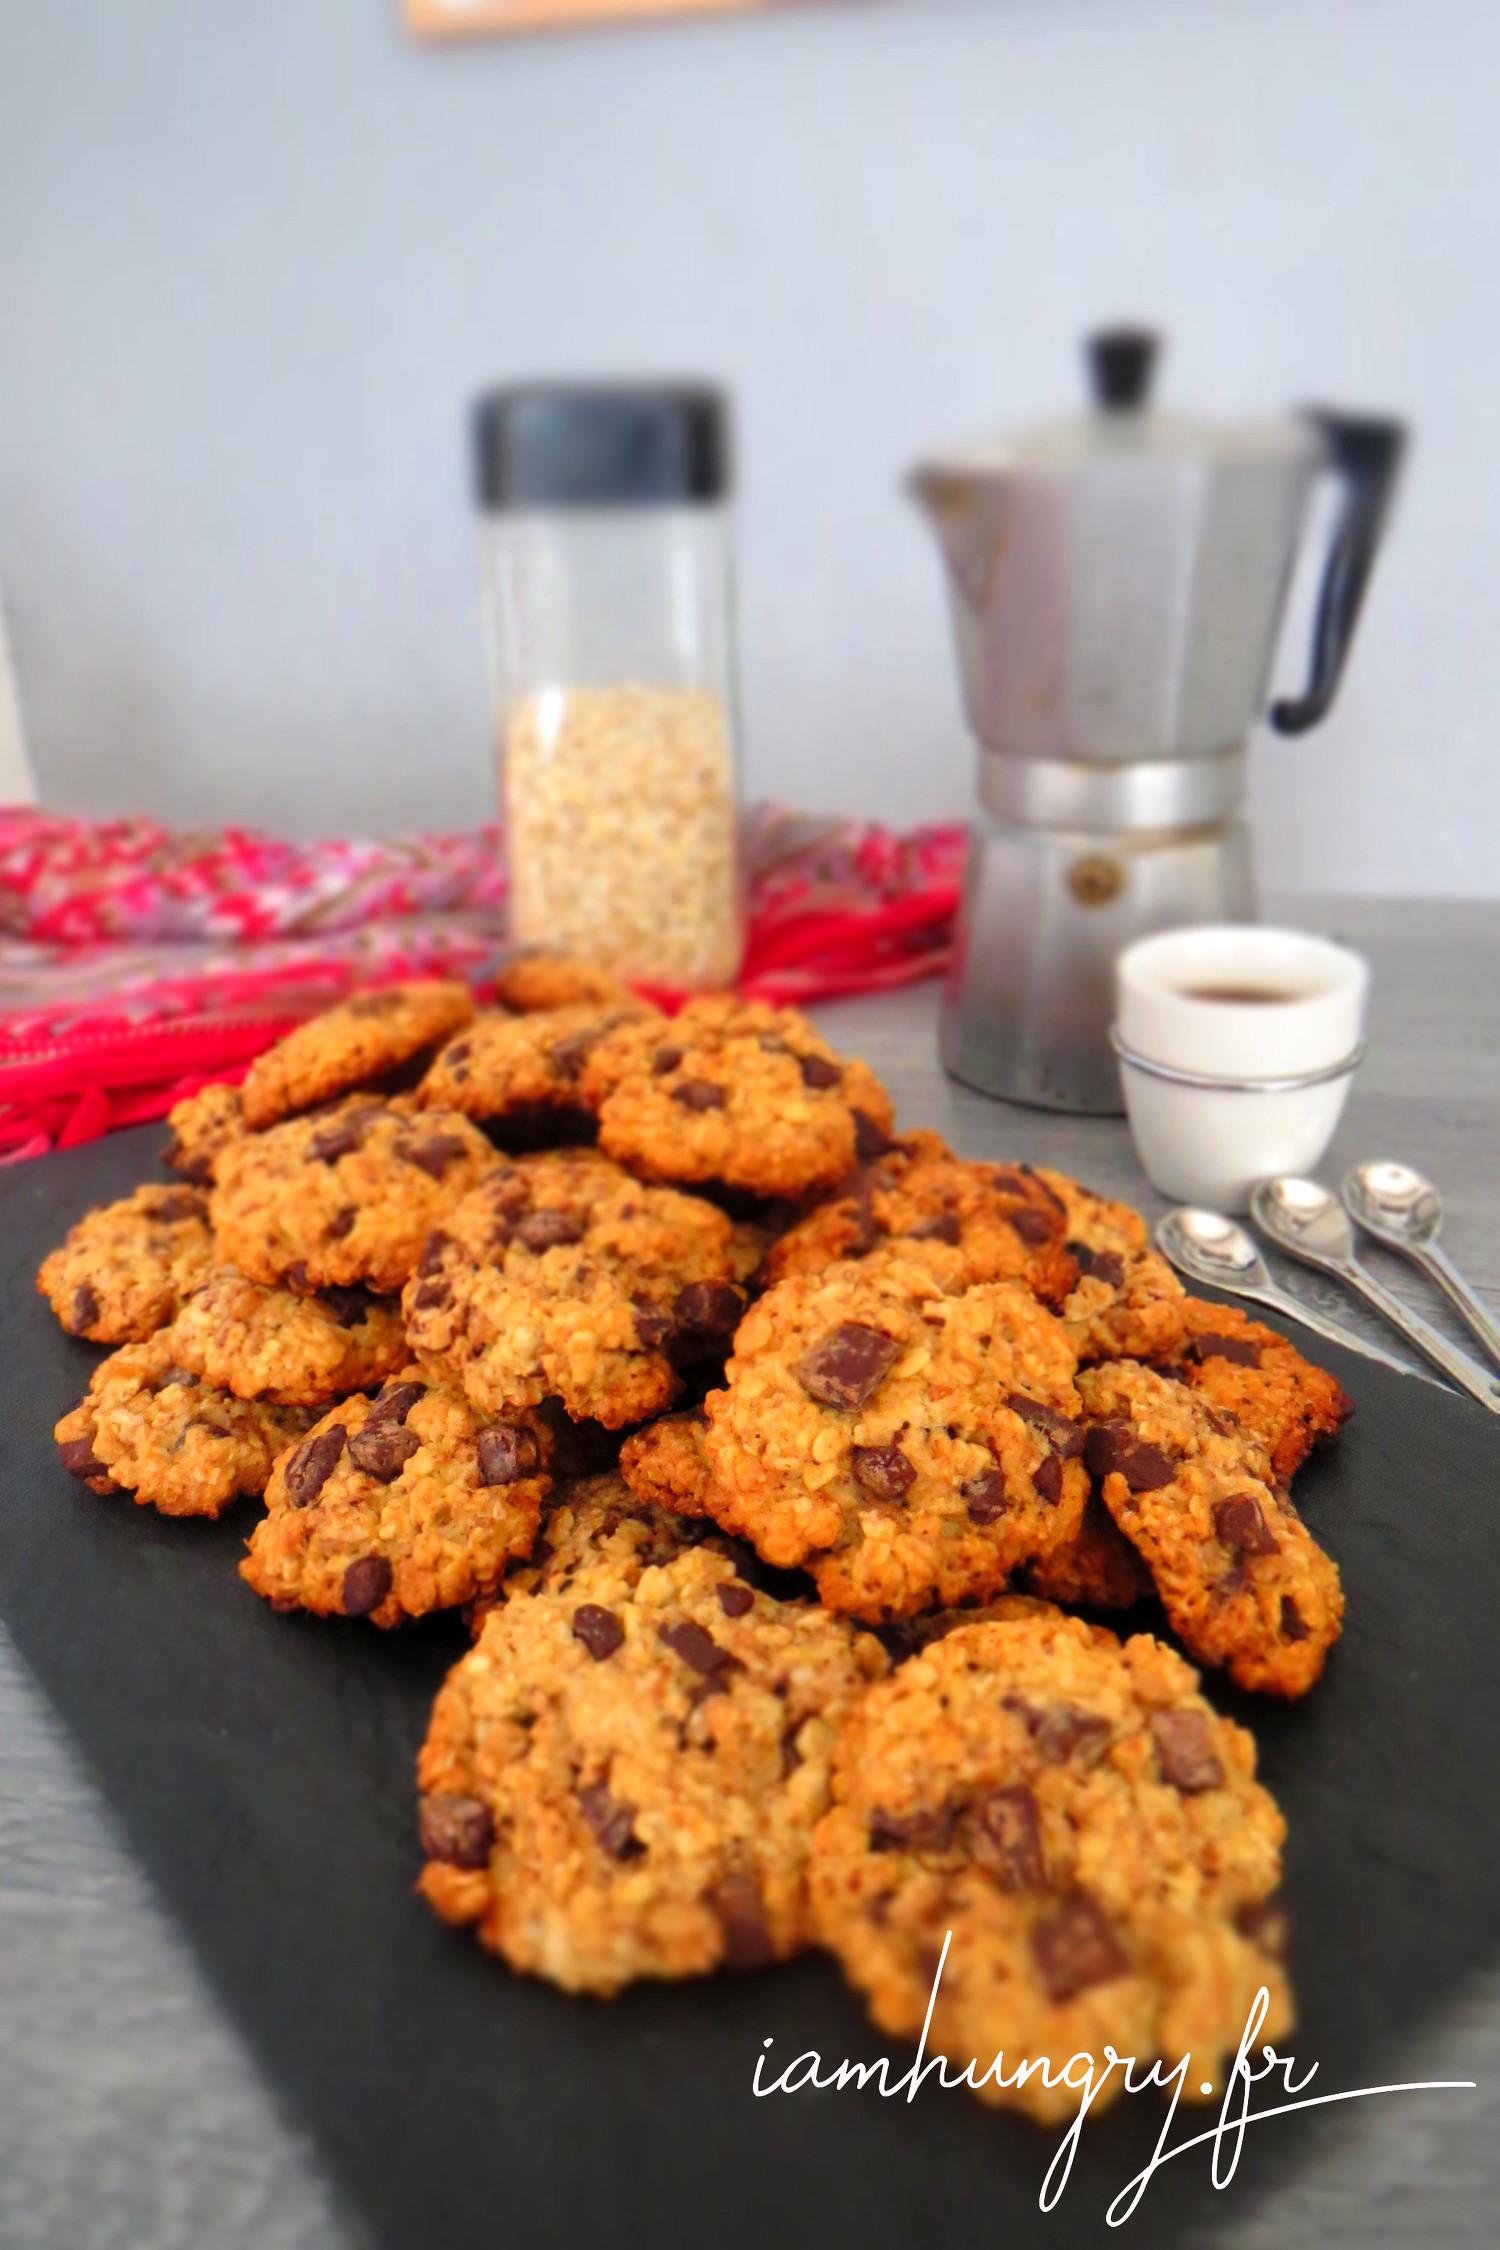 Cookies à l'avoine et chocolat